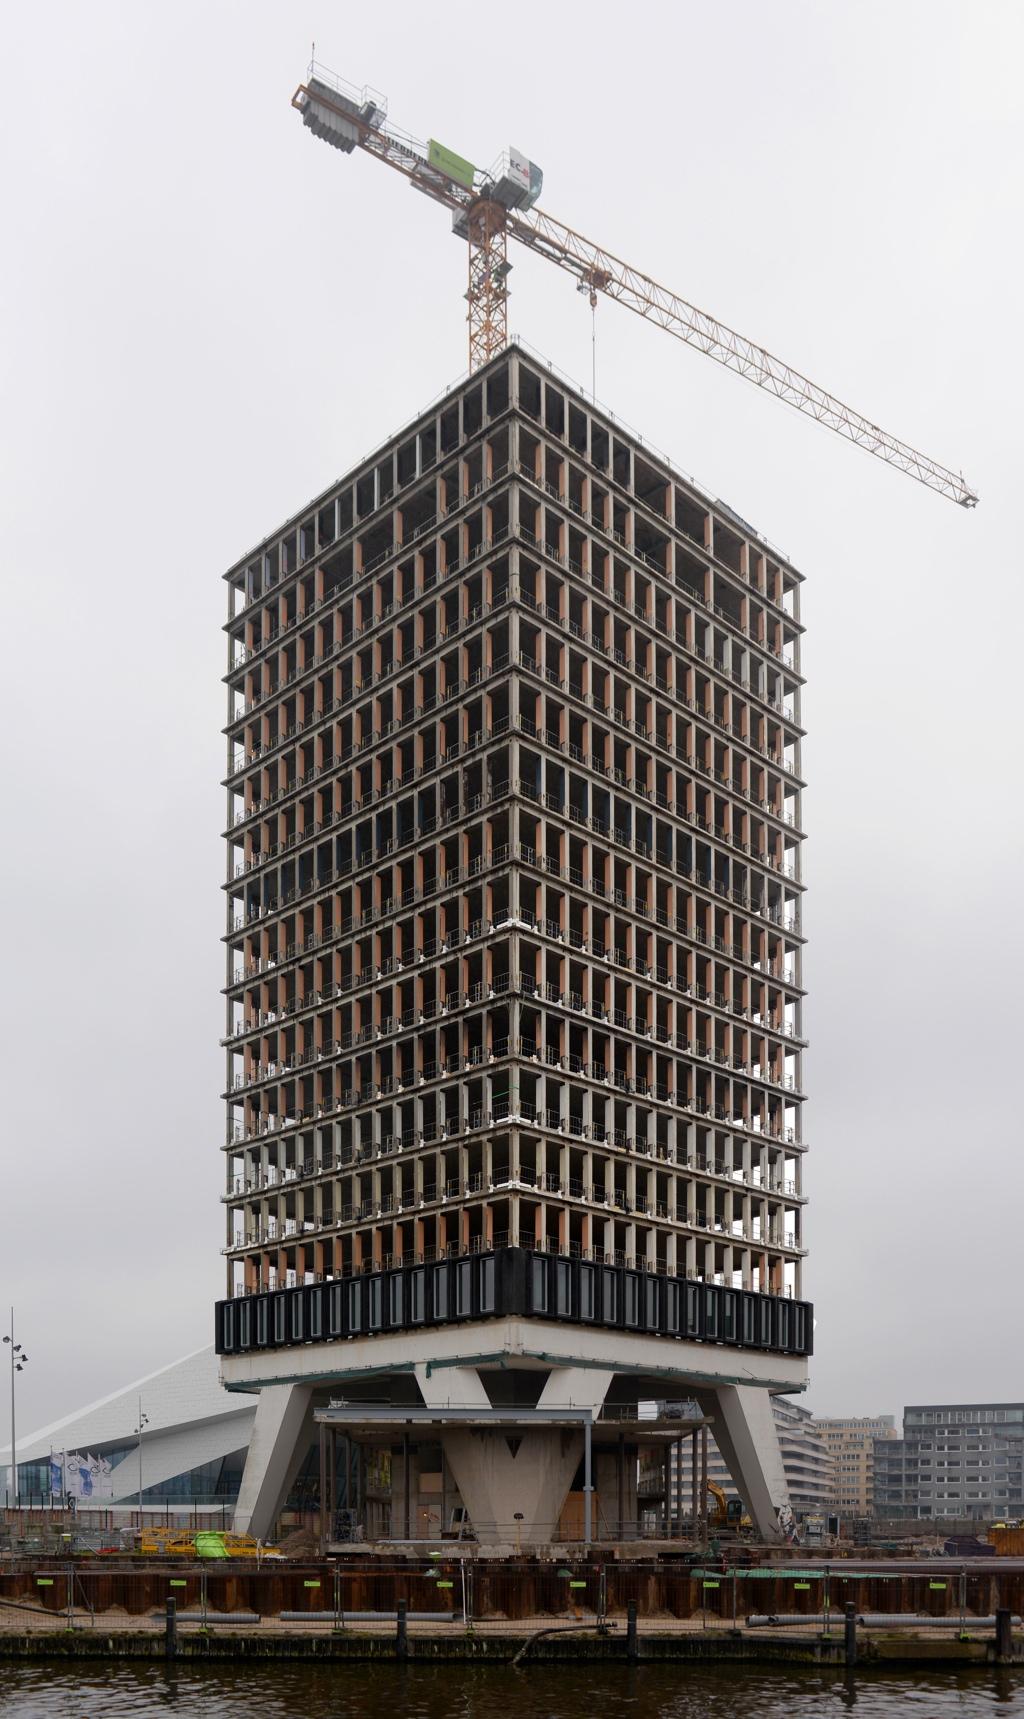 Studio-Kazerne-Photography-Overhoeks-Amsterdam-Noord-03